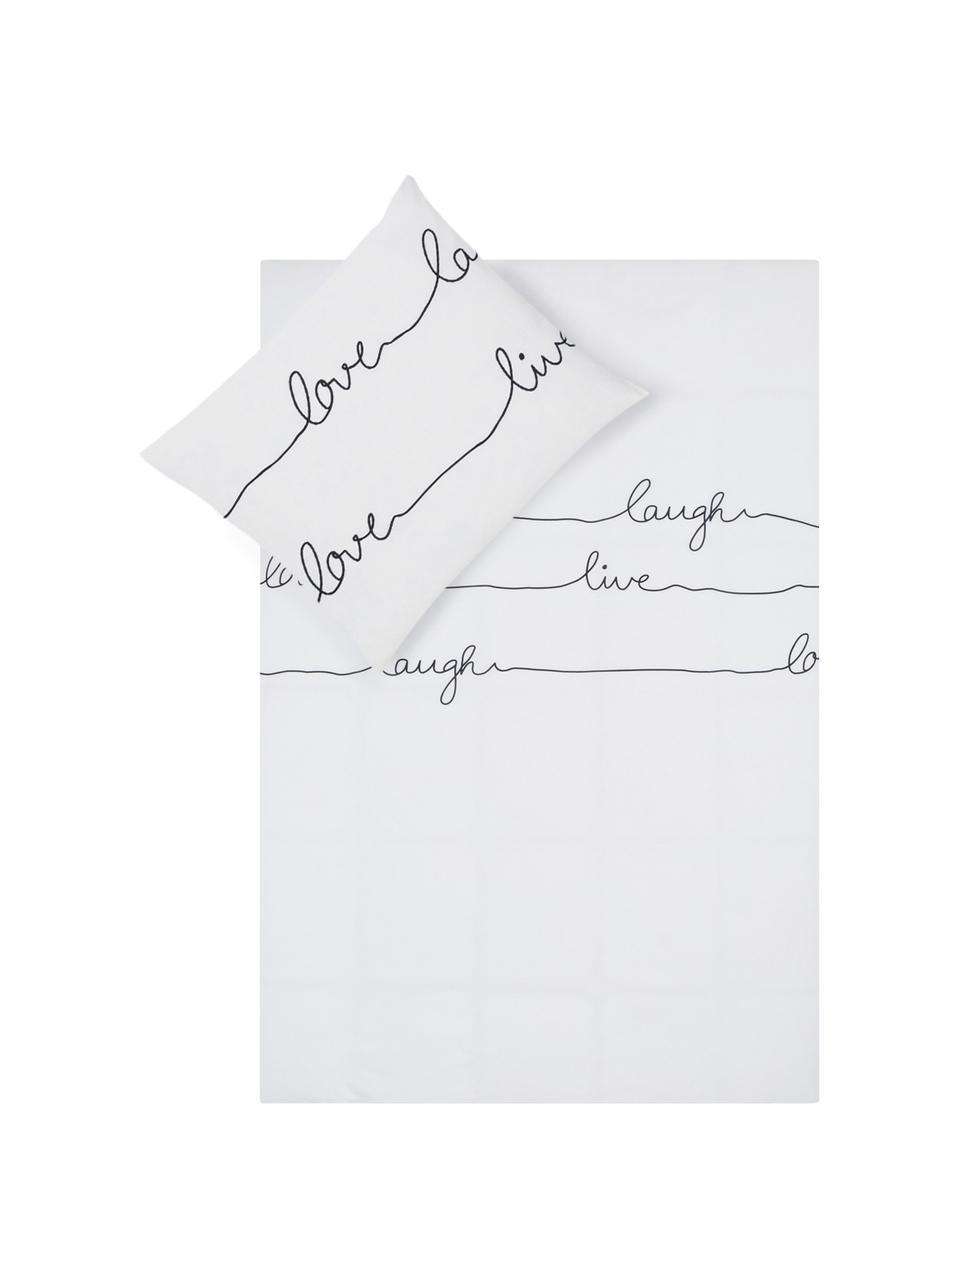 Dubbelzijdig dekbedovertrek Live, Katoen, Bovenzijde: wit, zwart. Onderzijde: wit, 140 x 200 cm + 2 kussen 60 x 70 cm